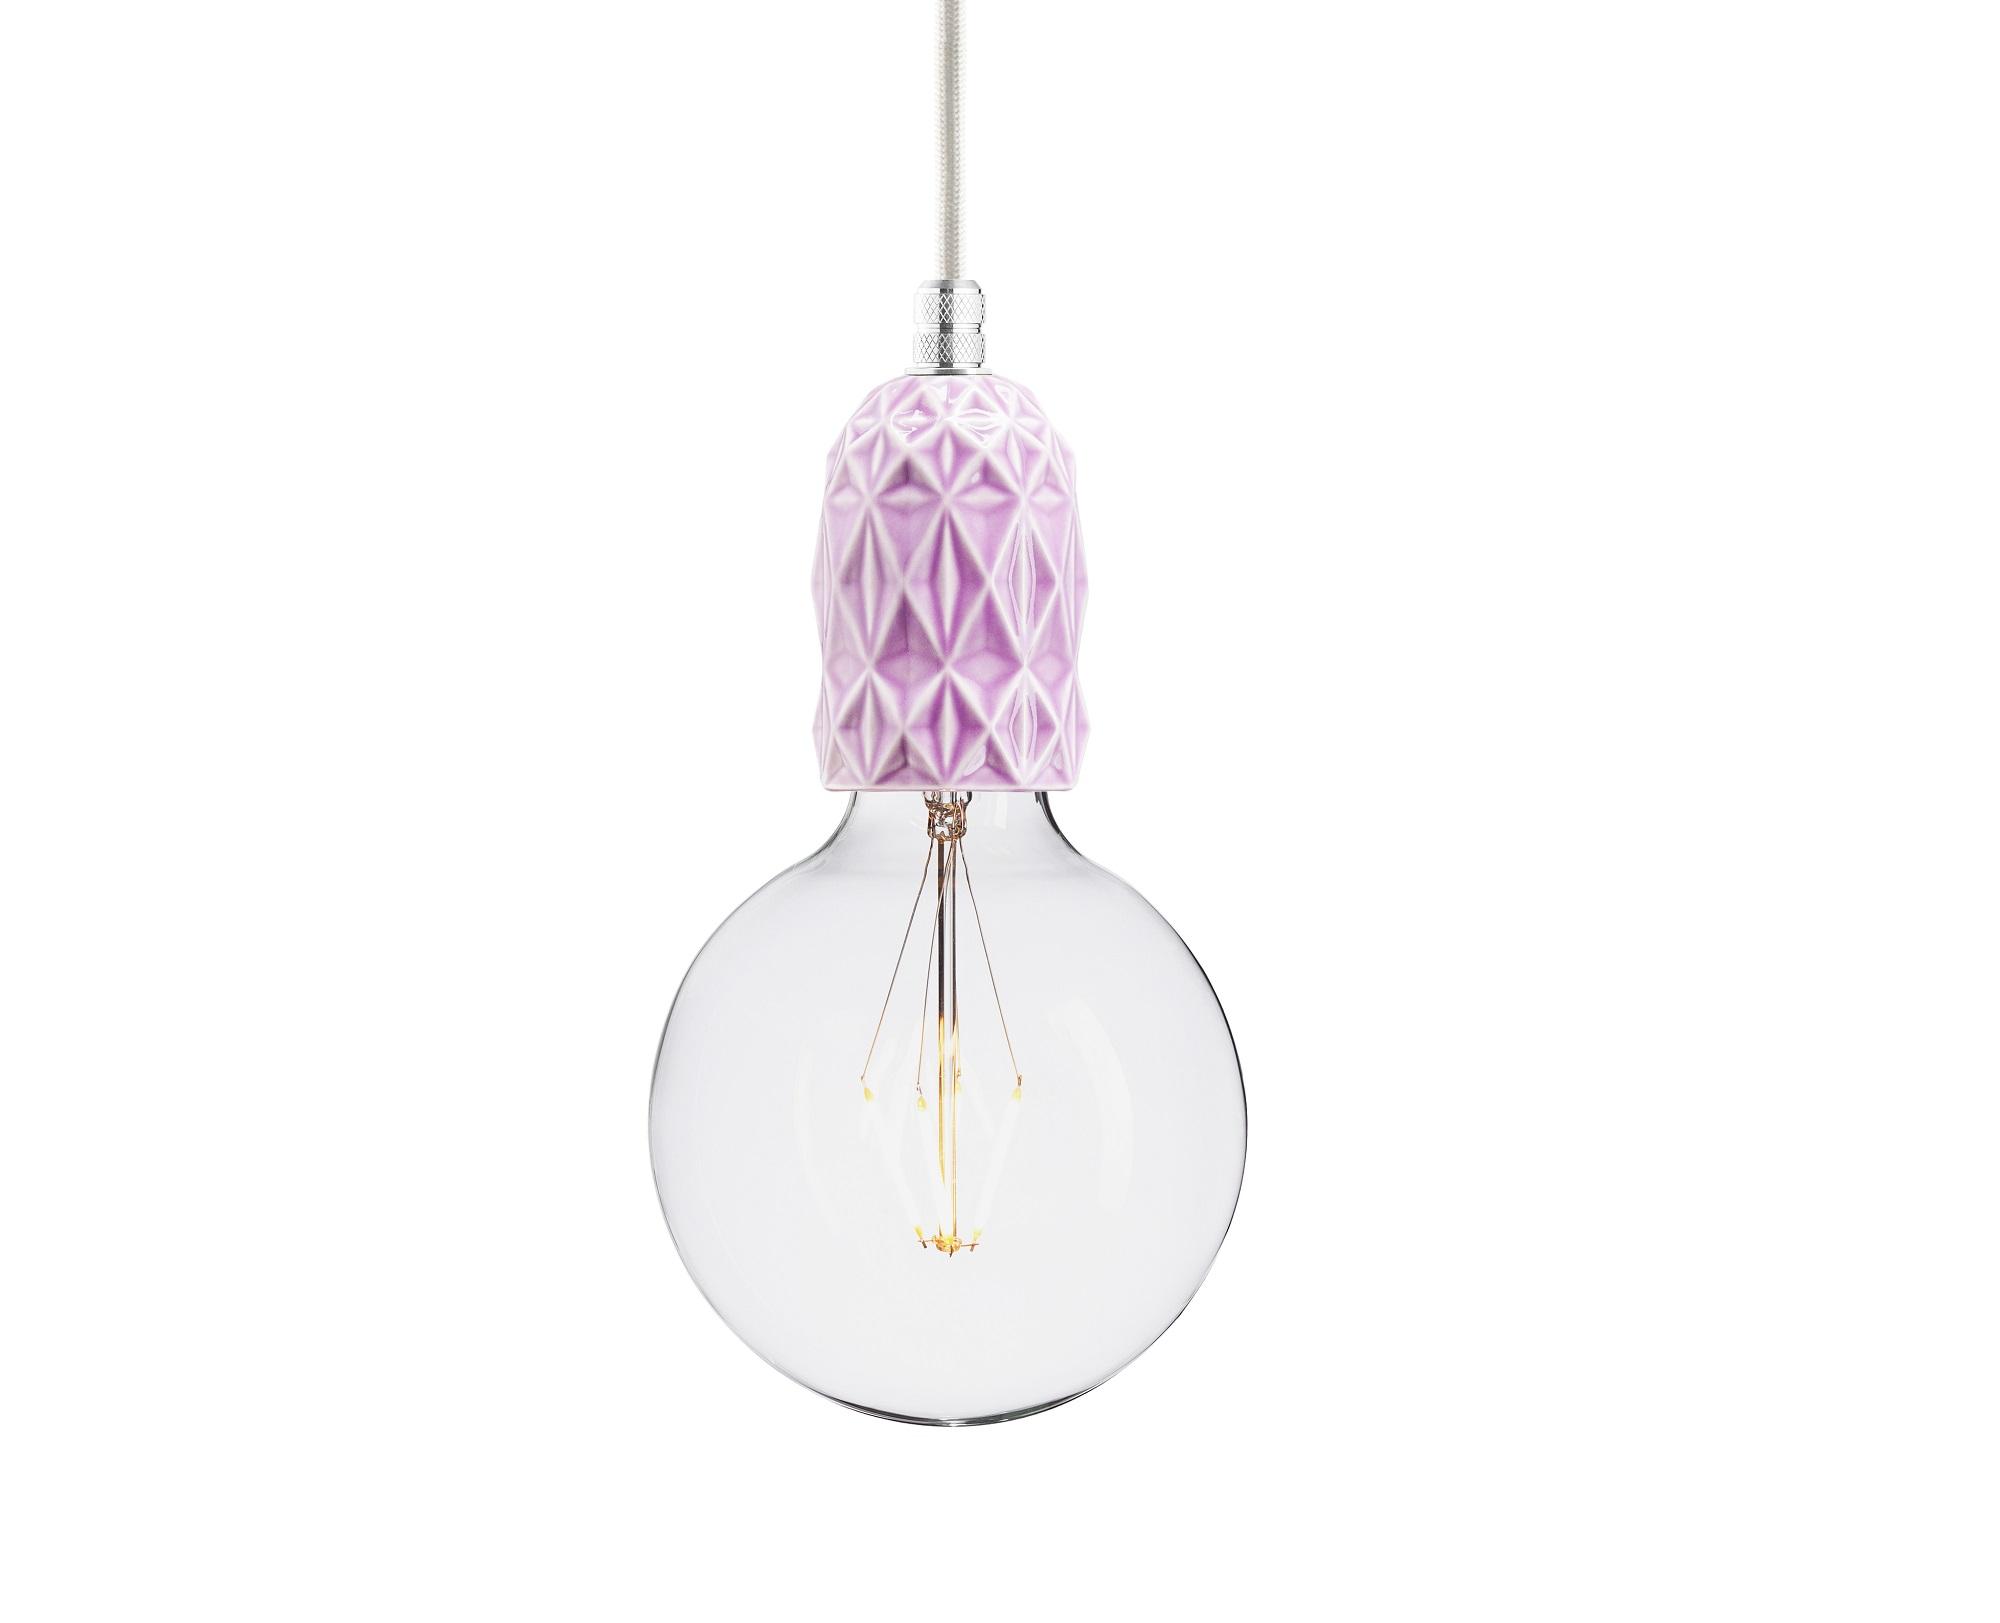 Подвесной светильник AIRПодвесные светильники<br>Подвесной светильник из керамики, доступный в 4-ех цветах: красном, индиго, голубом и лиловом. Два вида фурнитуры: латунь или алюминий.&amp;amp;nbsp;&amp;lt;div&amp;gt;&amp;lt;br&amp;gt;&amp;lt;/div&amp;gt;&amp;lt;div&amp;gt;&amp;lt;div&amp;gt;Вид цоколя: E27&amp;lt;/div&amp;gt;&amp;lt;div&amp;gt;Мощность: 60W&amp;lt;/div&amp;gt;&amp;lt;div&amp;gt;Количество ламп: 1&amp;lt;/div&amp;gt;&amp;lt;/div&amp;gt;&amp;lt;div&amp;gt;&amp;lt;br&amp;gt;&amp;lt;/div&amp;gt;<br><br>Material: Керамика<br>Ширина см: 5.9<br>Высота см: 10.5<br>Глубина см: 5.9